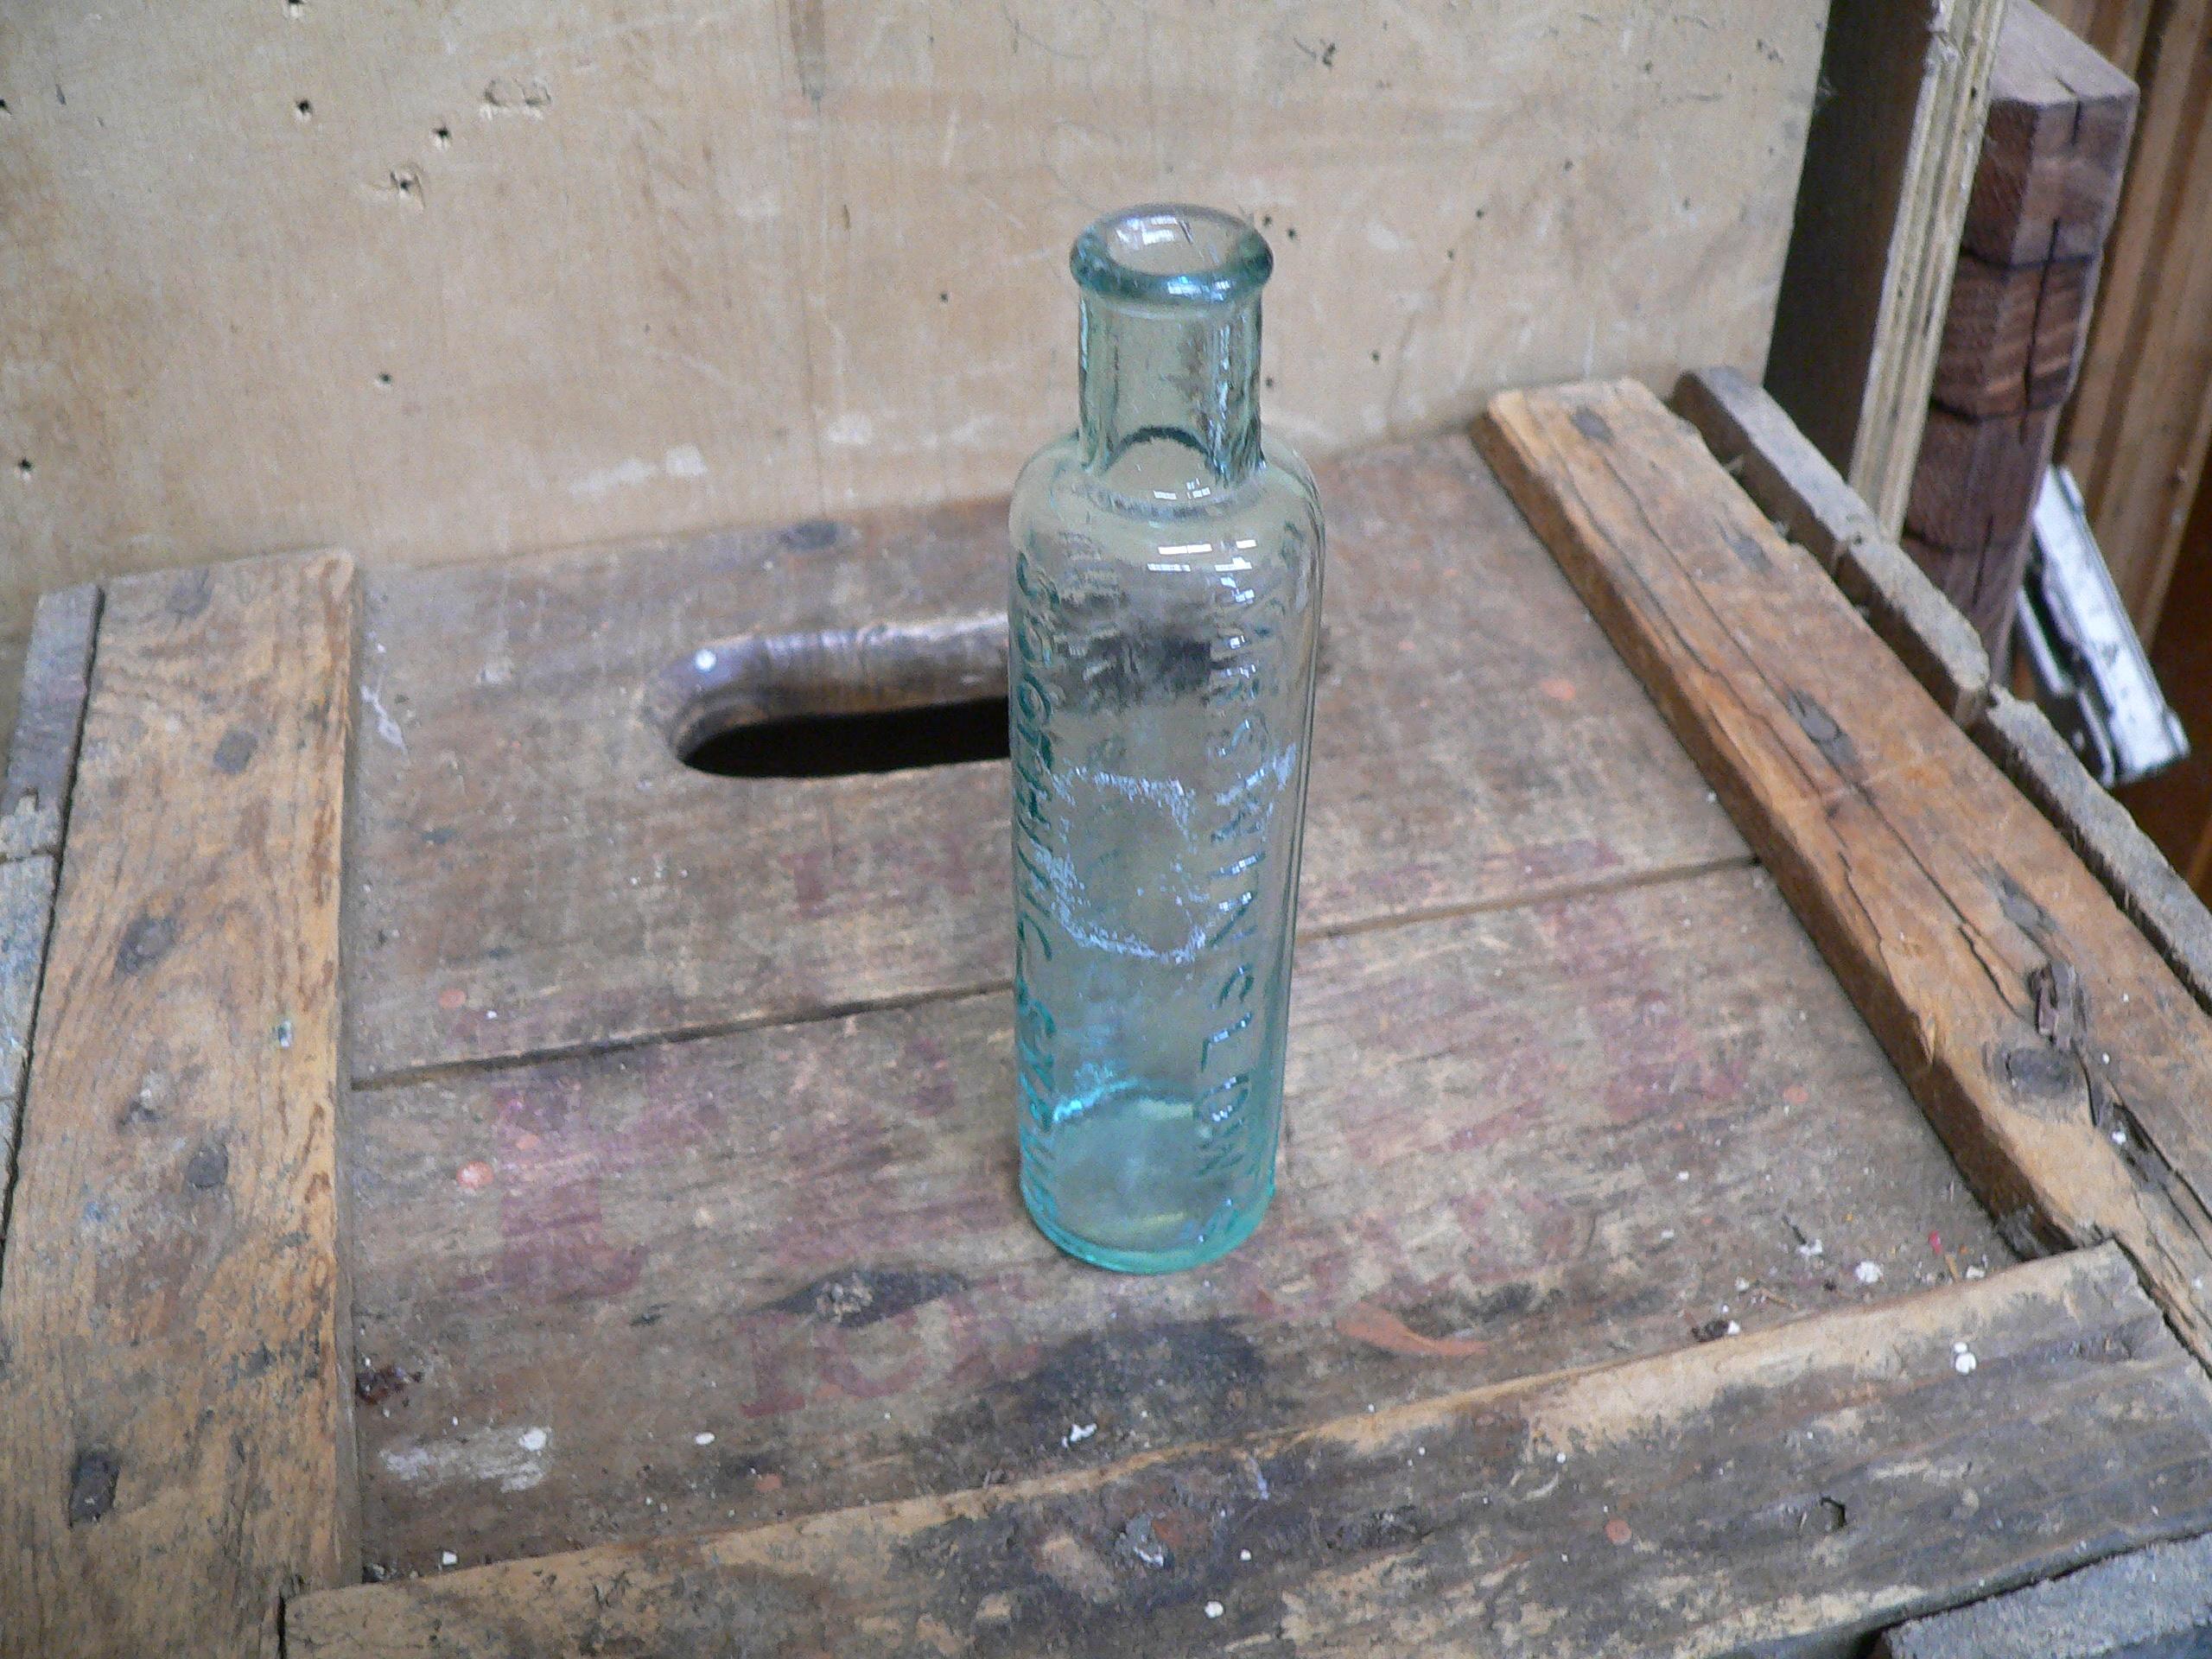 bouteille antique d'apothicaire # 6233.1